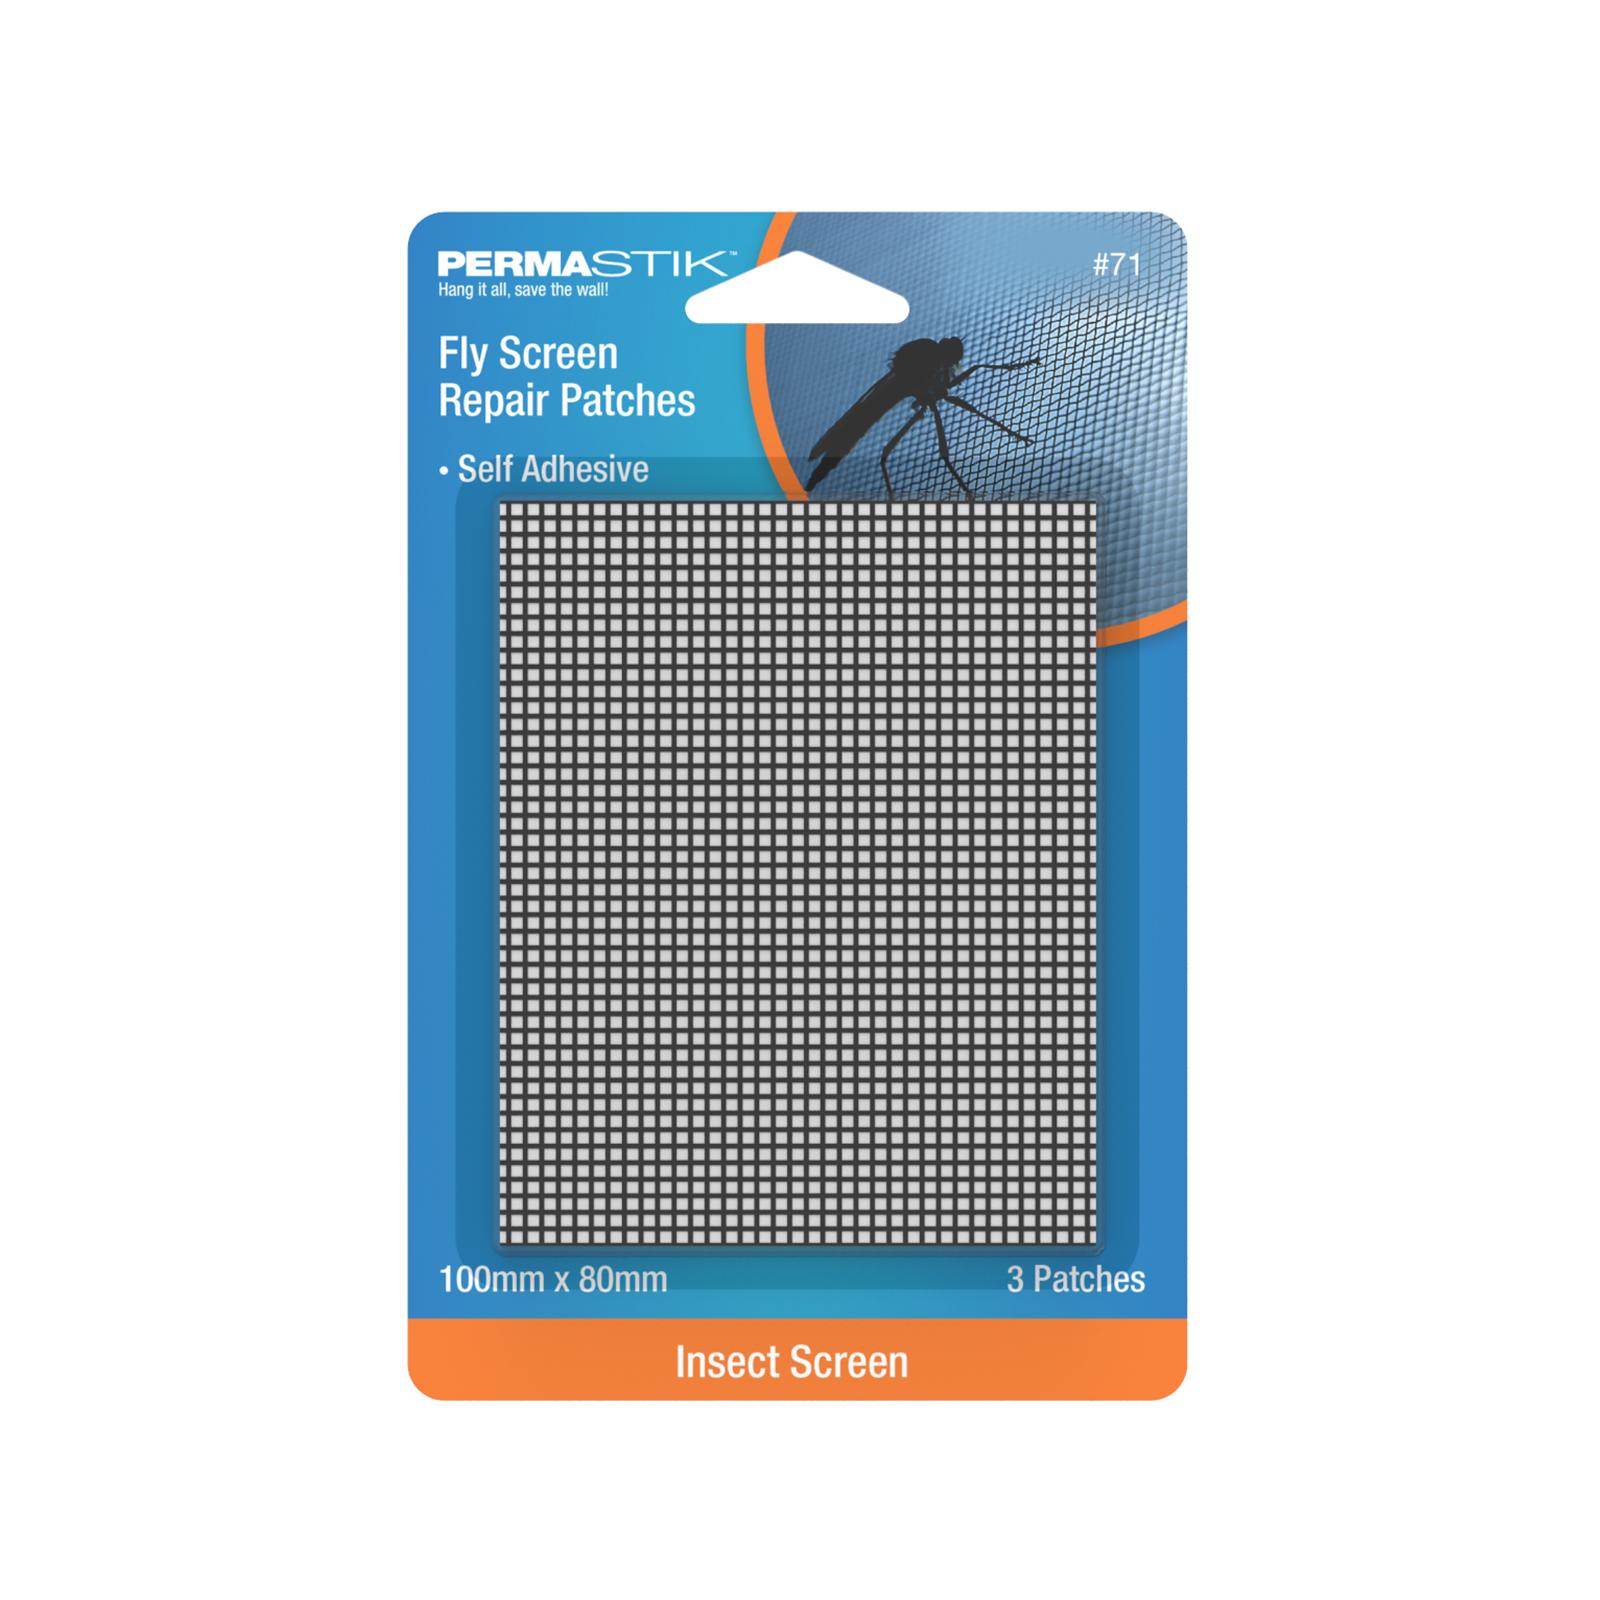 Permastik Fly Screen Repair Patches - 3 Pack